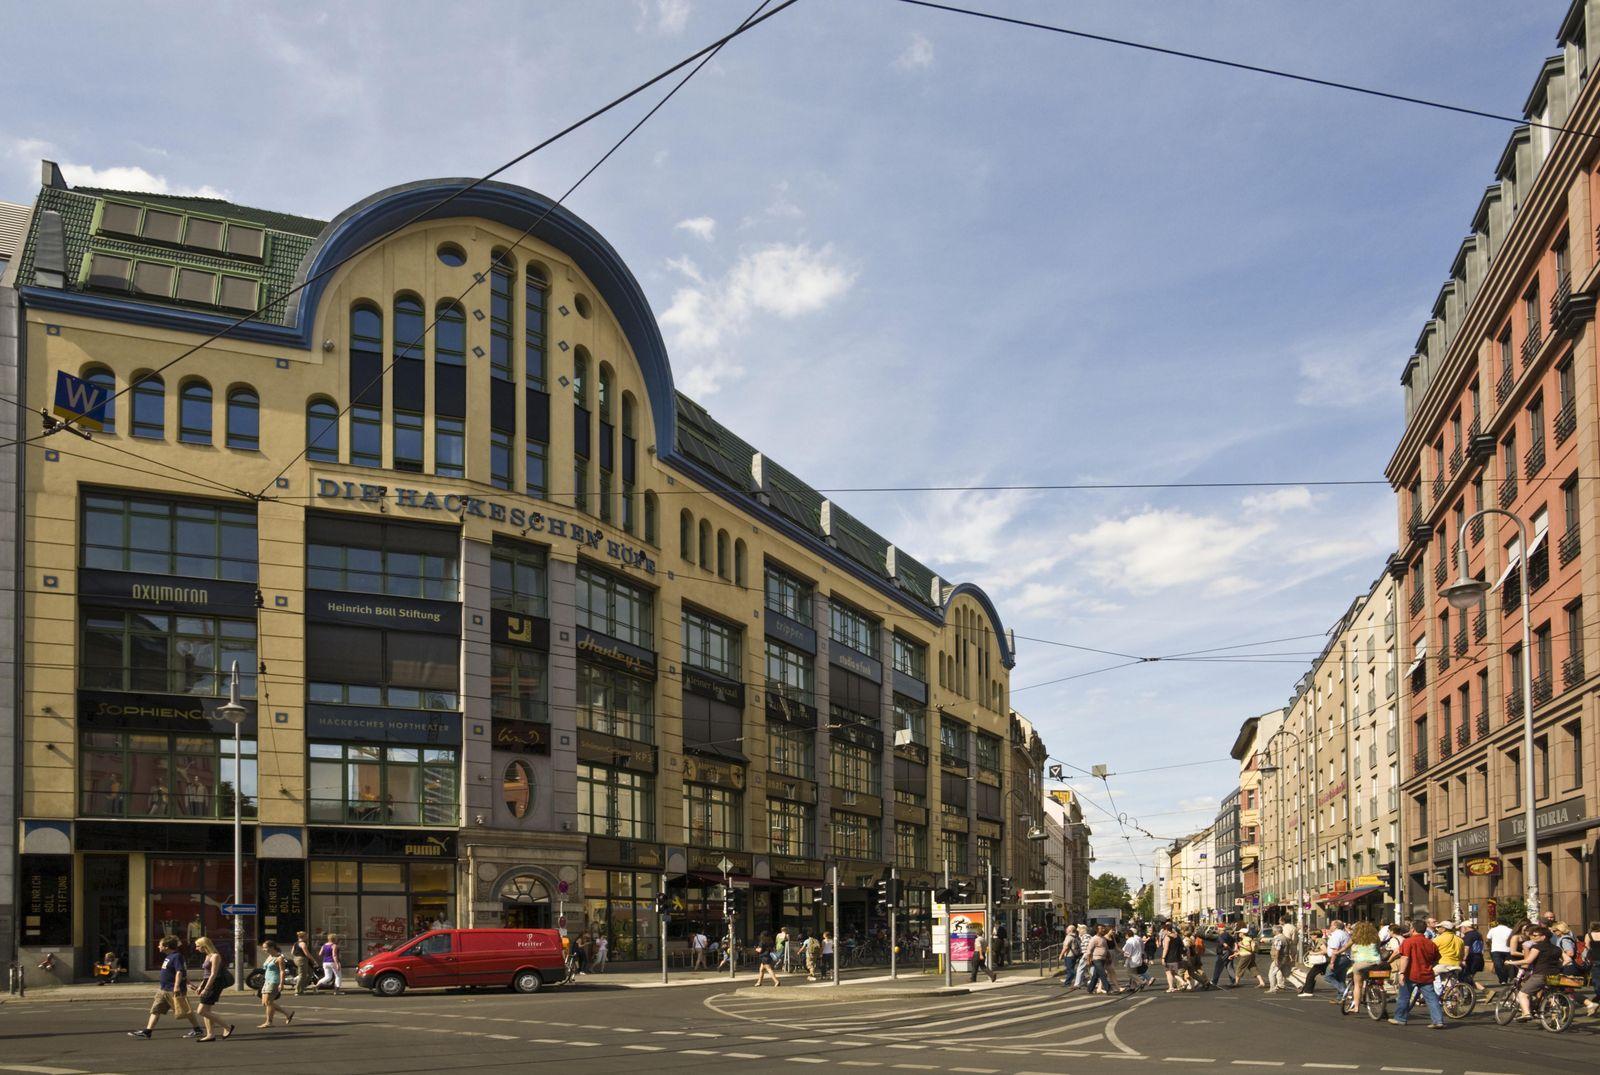 Hackesche Höfe, Oranienburger Straße, Rosenthaler Straße, Mitte, Berlin, Deutschland, Europa